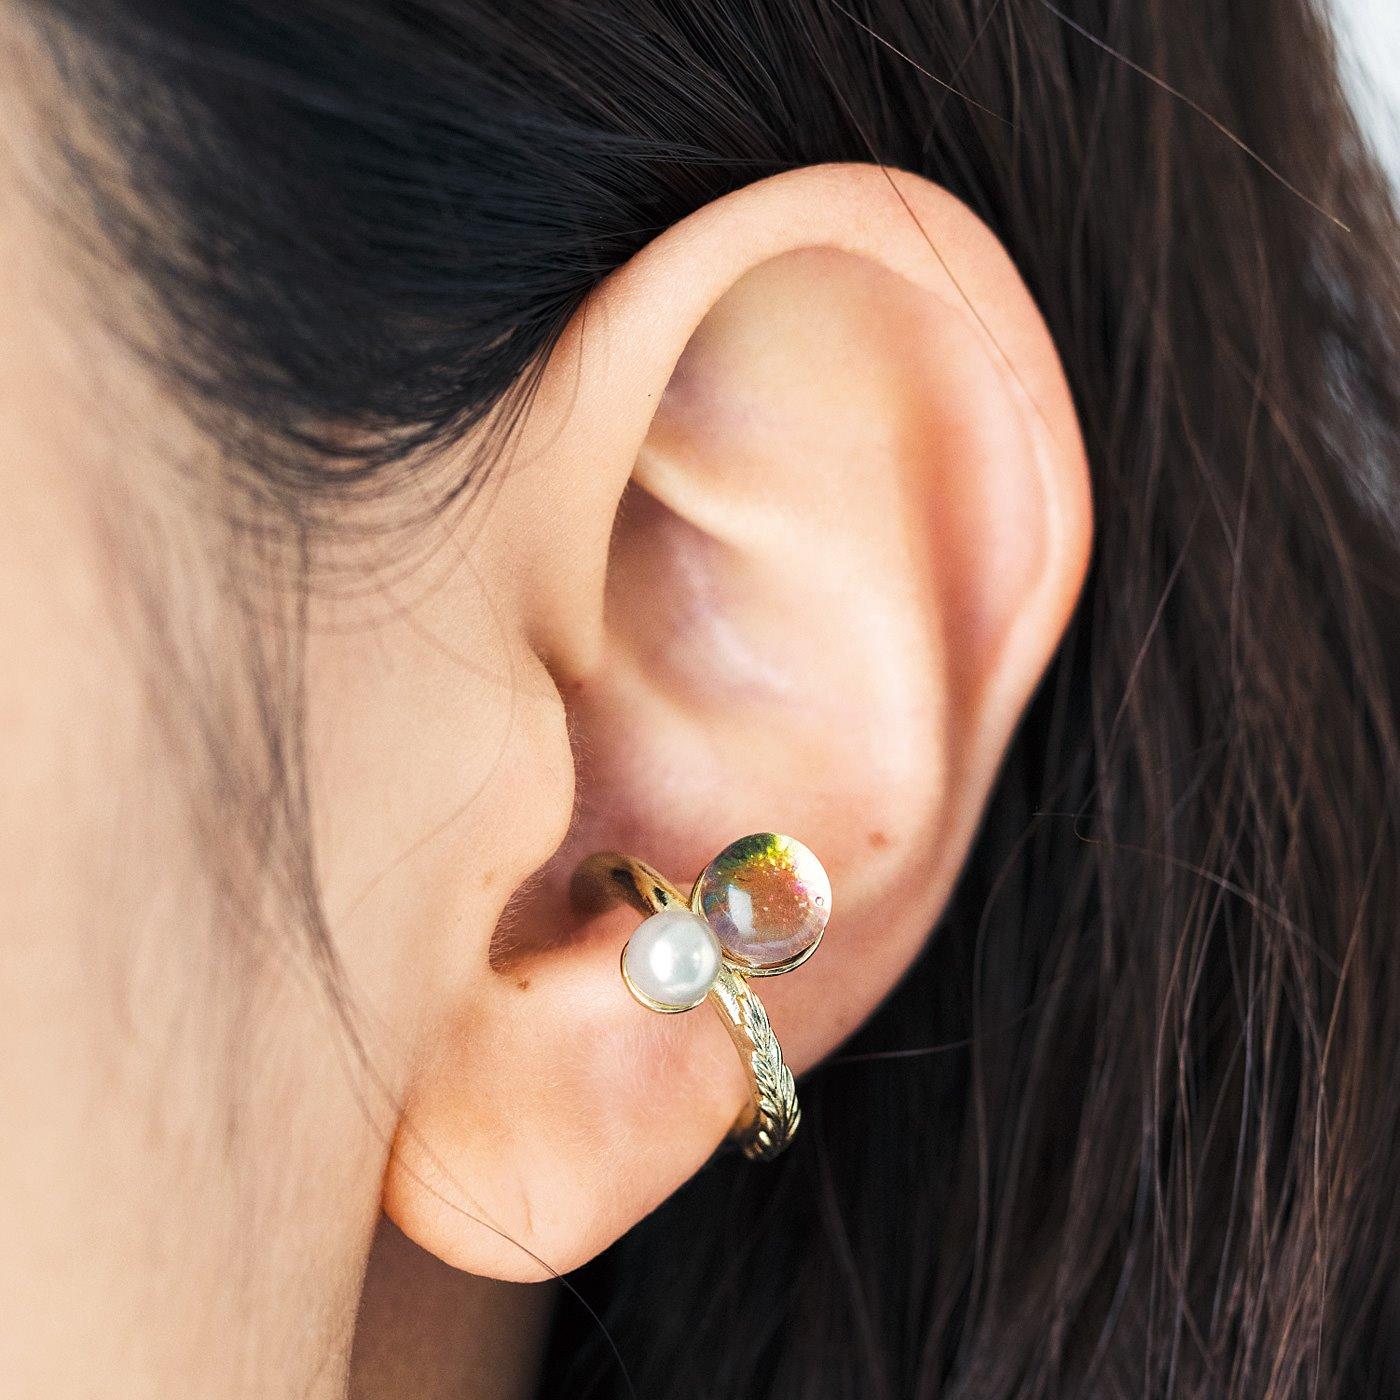 CCP [シーシーピー]|きらめく粒の手づくりガラスとパールの自然モチーフイヤカフ〈片耳〉の会